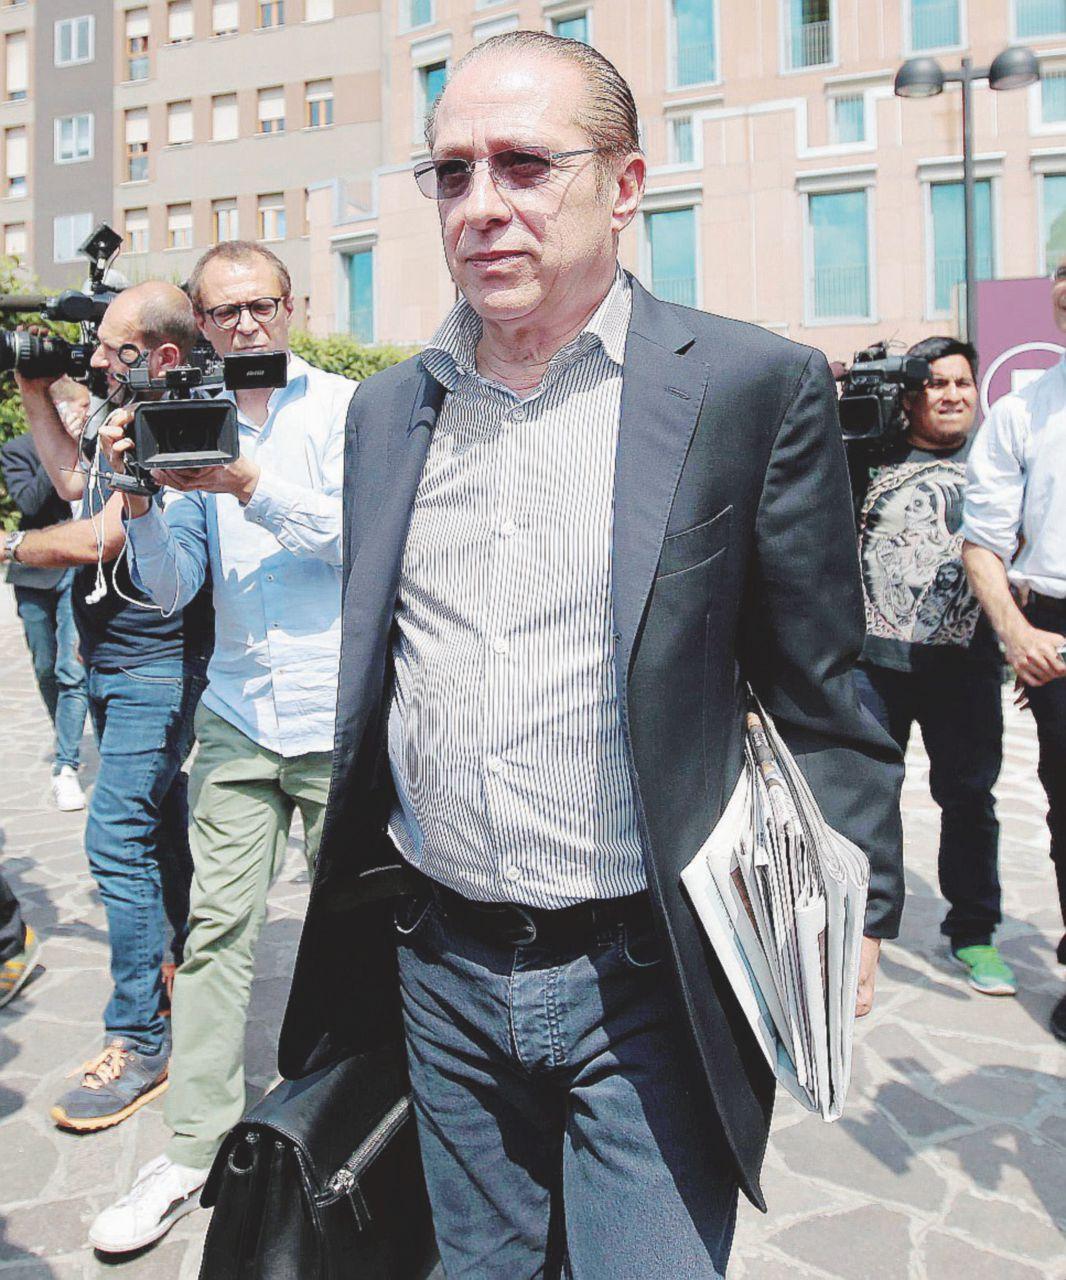 Milano 4, l'affare dei Berlusconi nel mirino dei pm